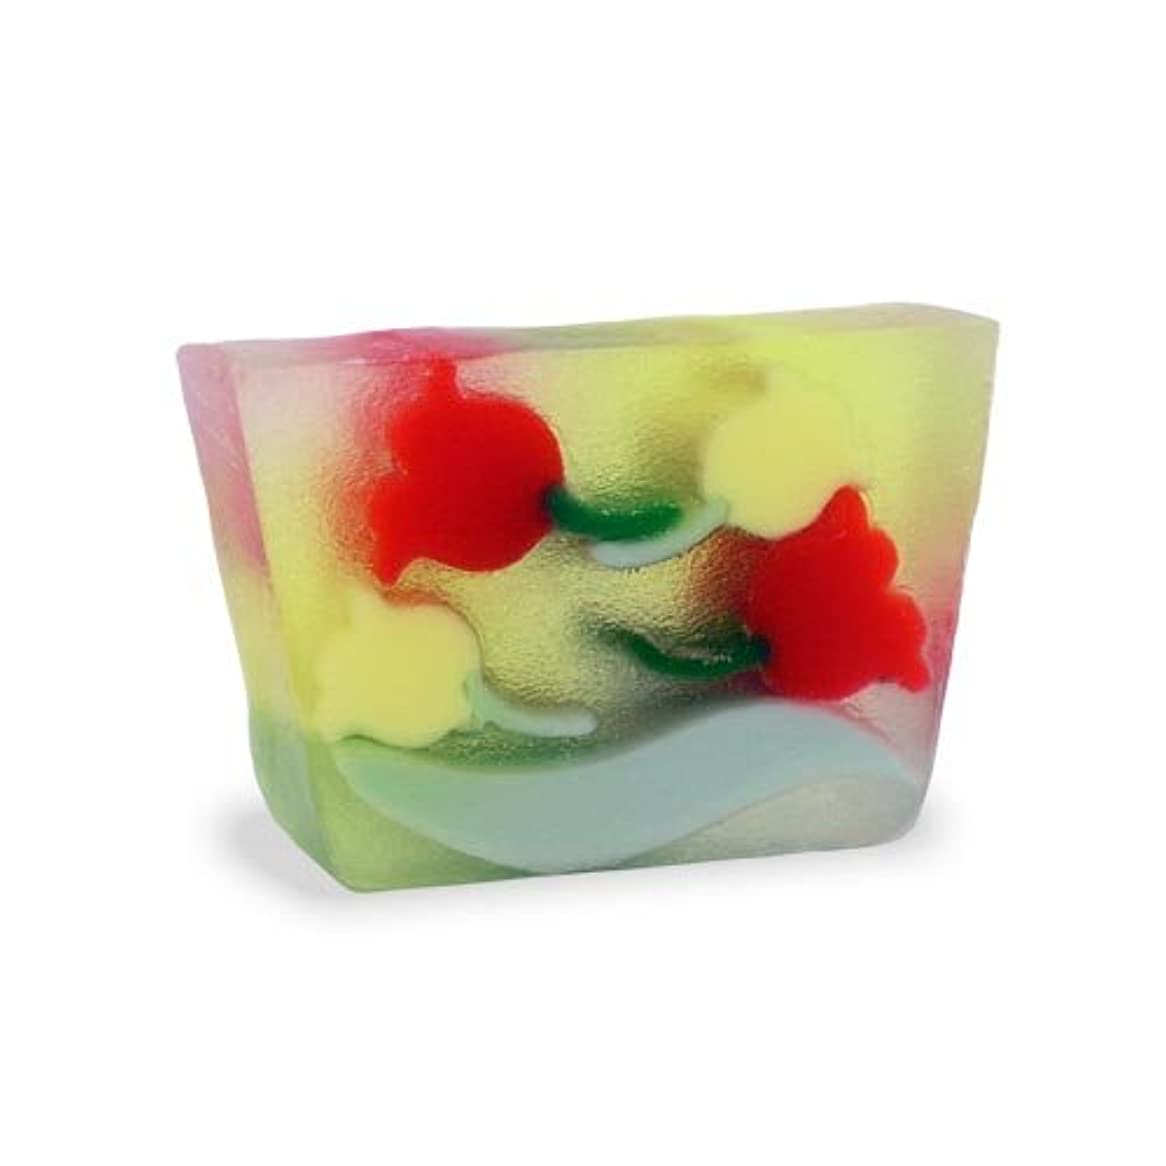 序文窓を洗うキッチンプライモールエレメンツ アロマティック ミニソープ ミニチューリップ 80g 植物性 ナチュラル 石鹸 無添加